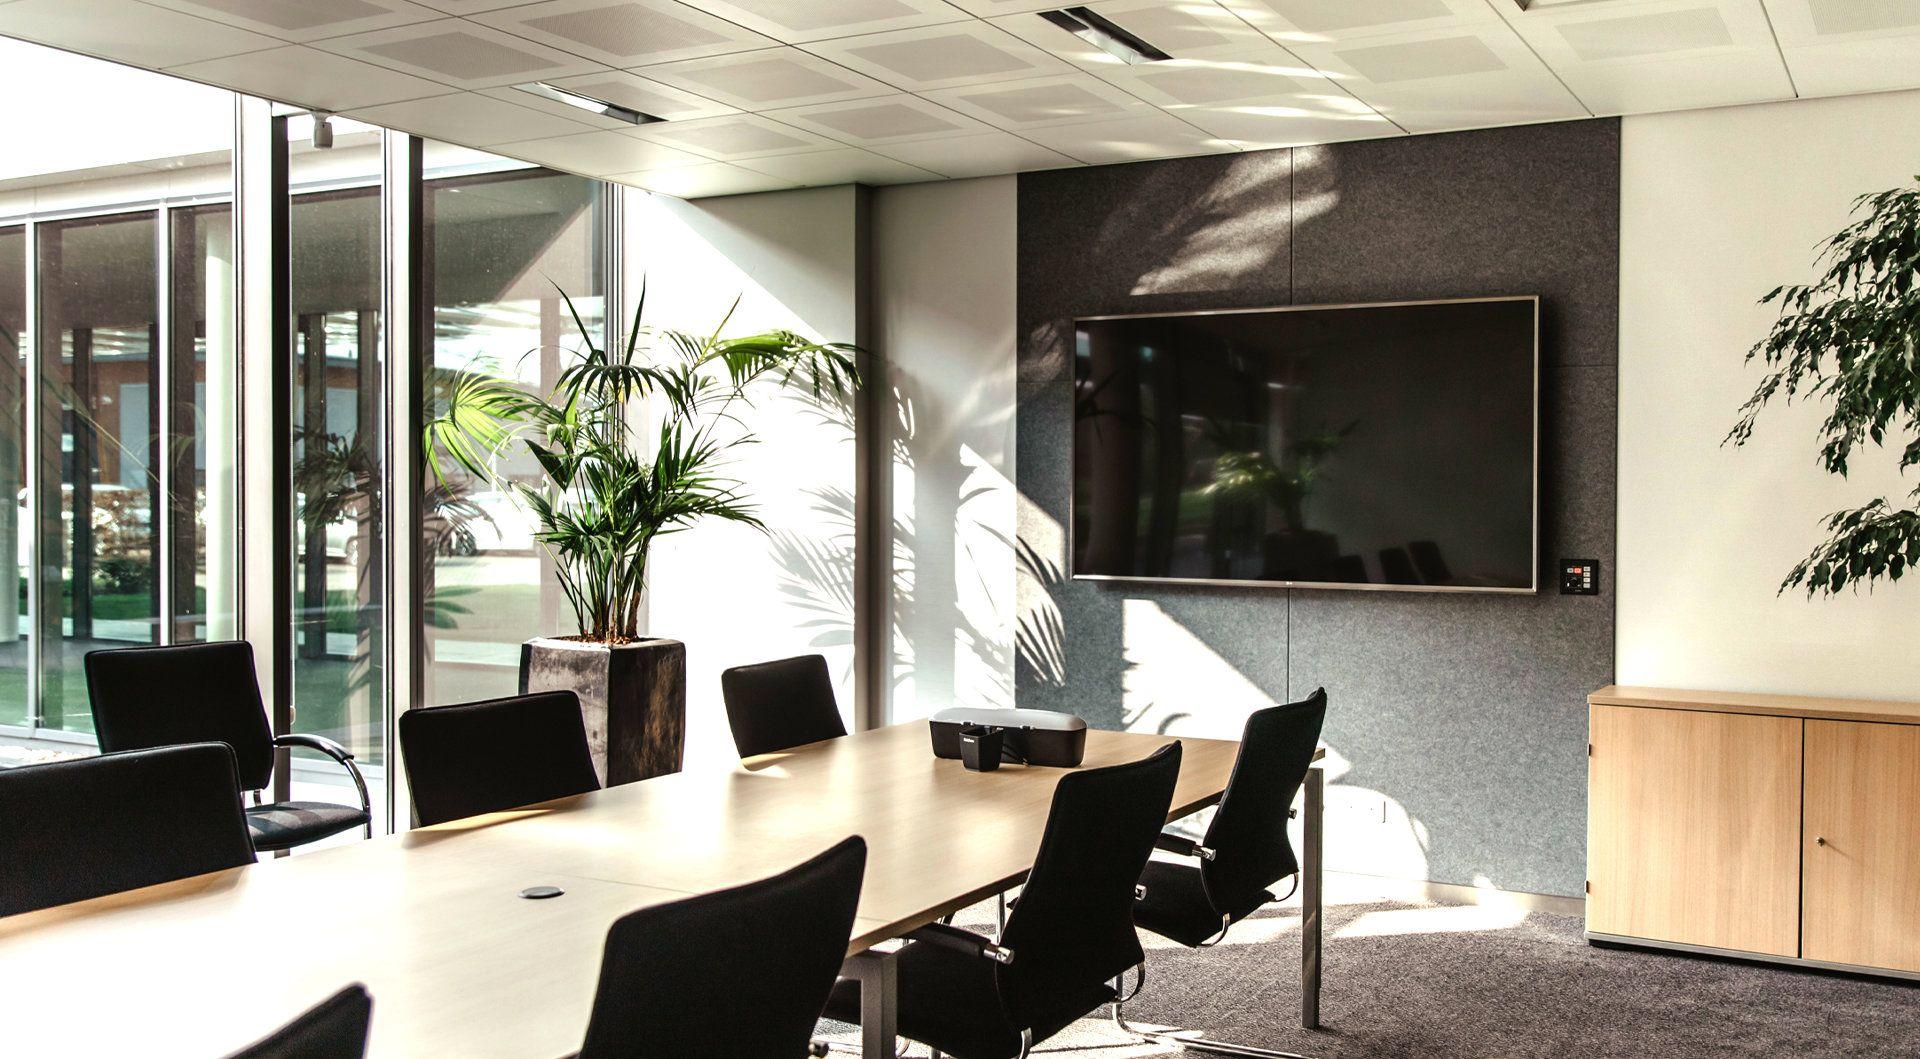 """Projecta Hapro CSR projectiescherm 2,39 m (94"""") 4:3 - Case studie de vries"""